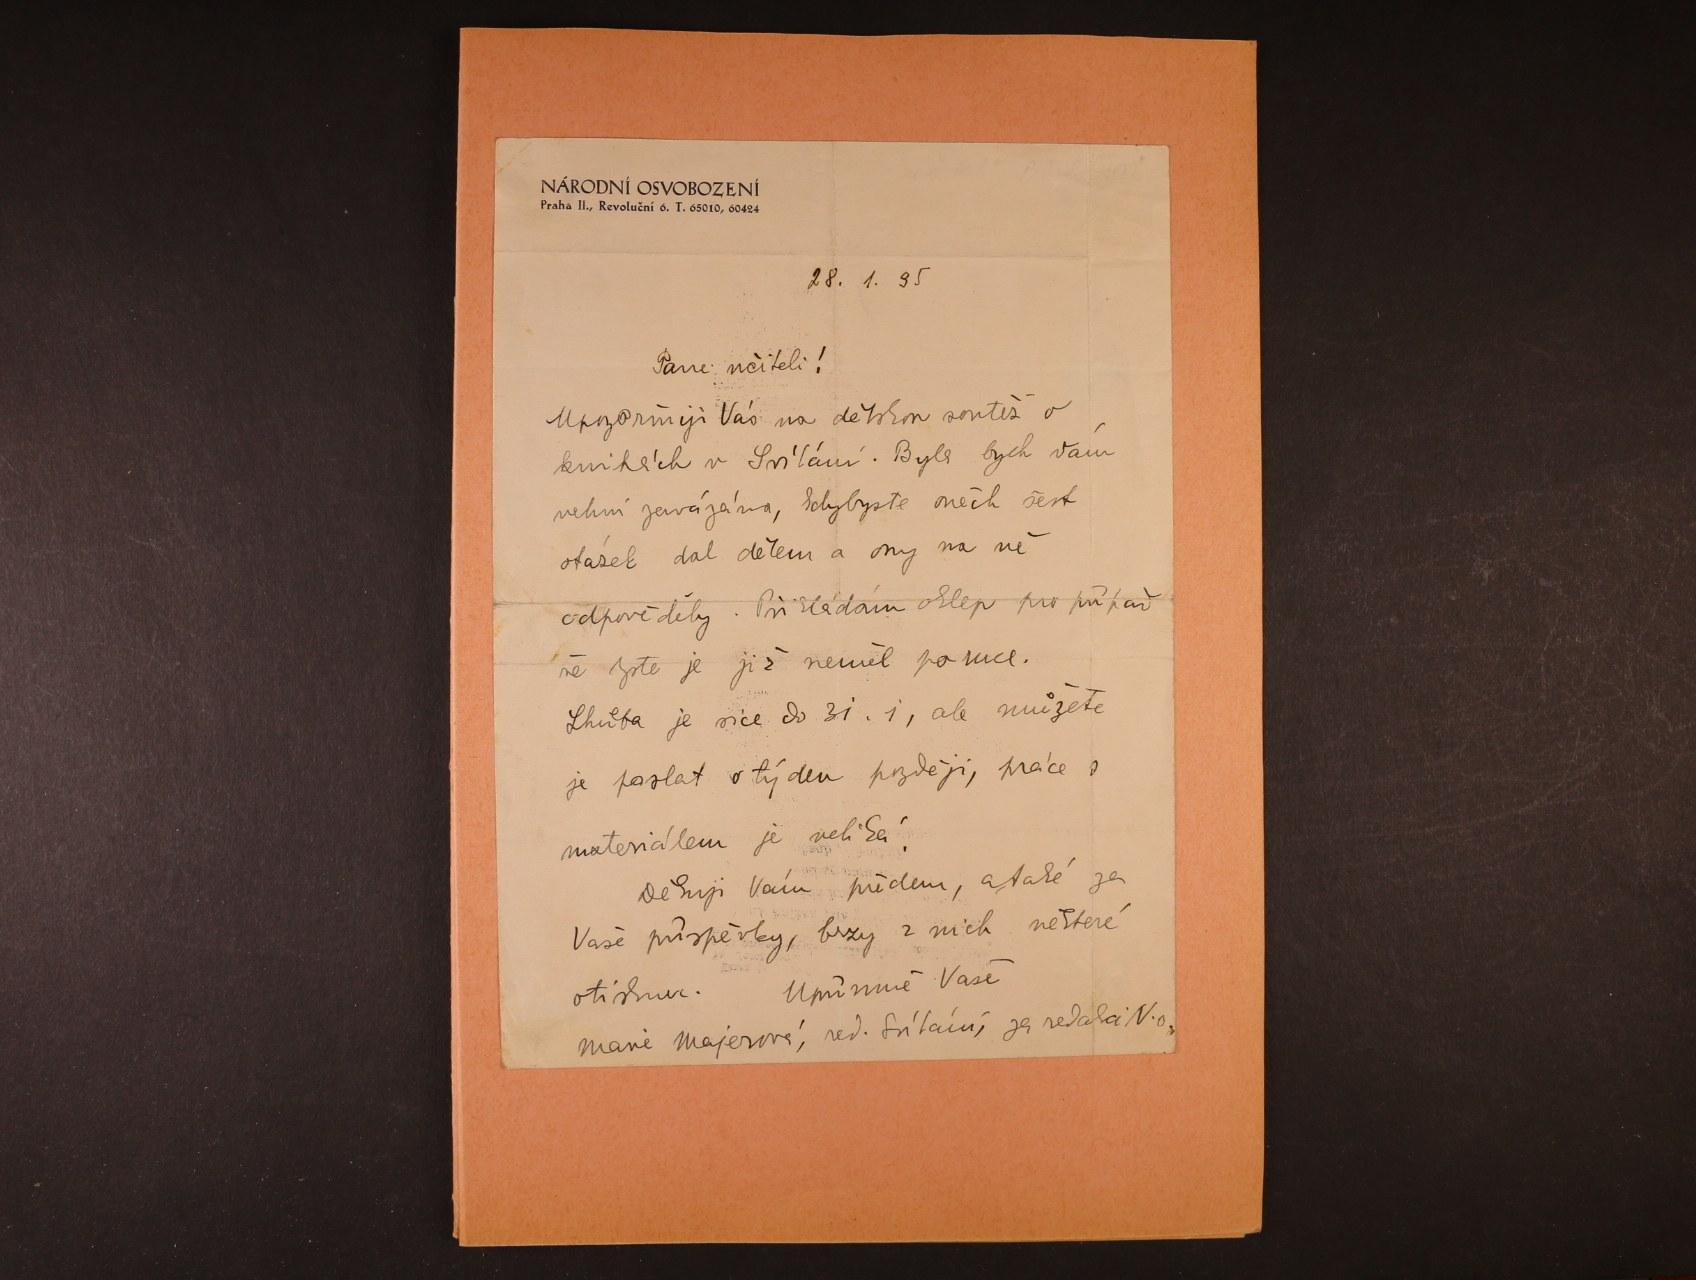 Majerová Marie - 1882 - 1962, význačná česká spisovatelka - vlastnoručně psaný dopis + fotografie s podpisem